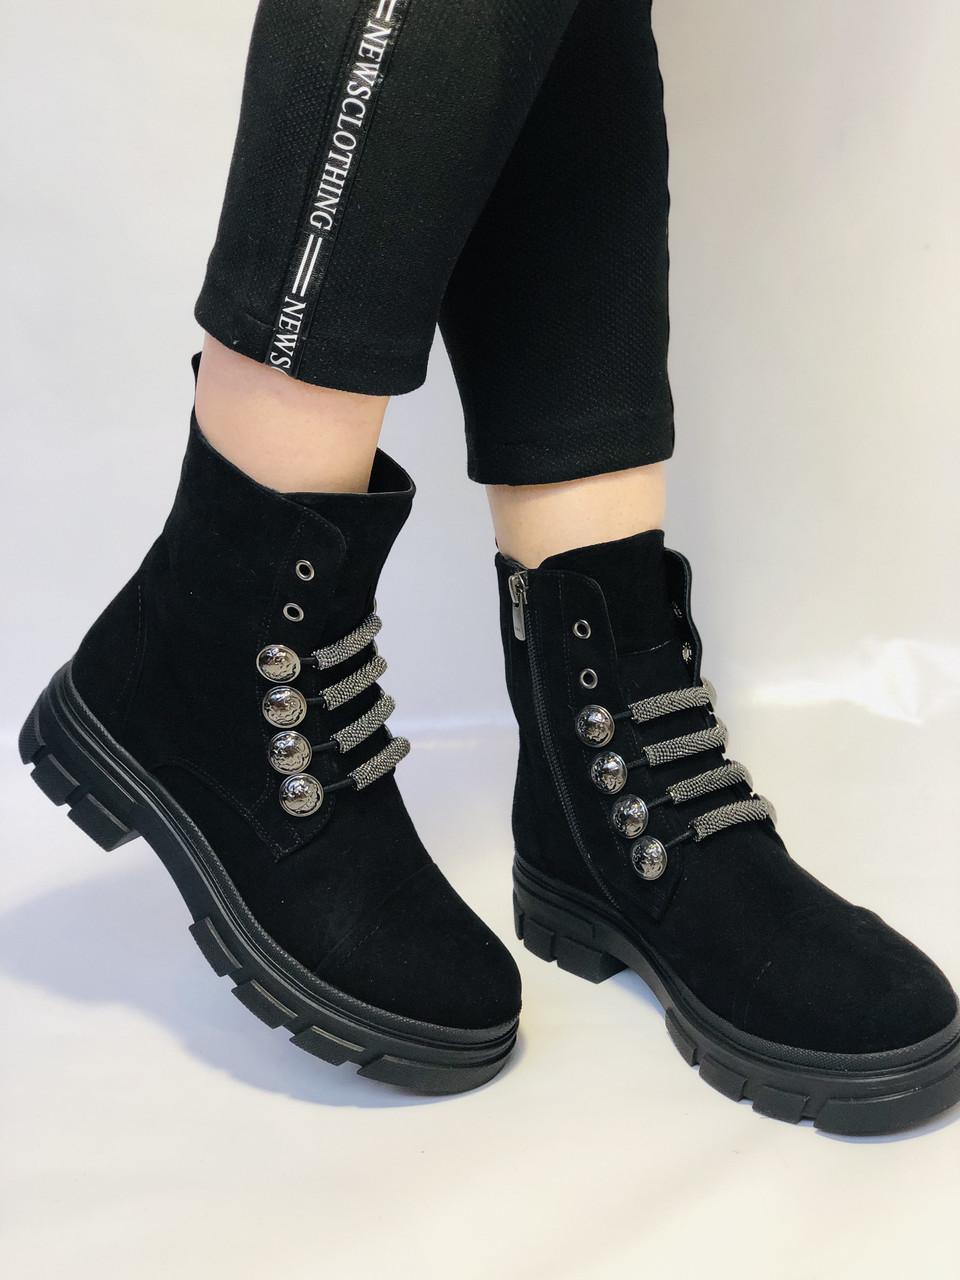 Натуральне хутро. Люкс якість. Жіночі зимові черевики. Натуральна замша .Туреччина. Mario Muzi.Р. 38